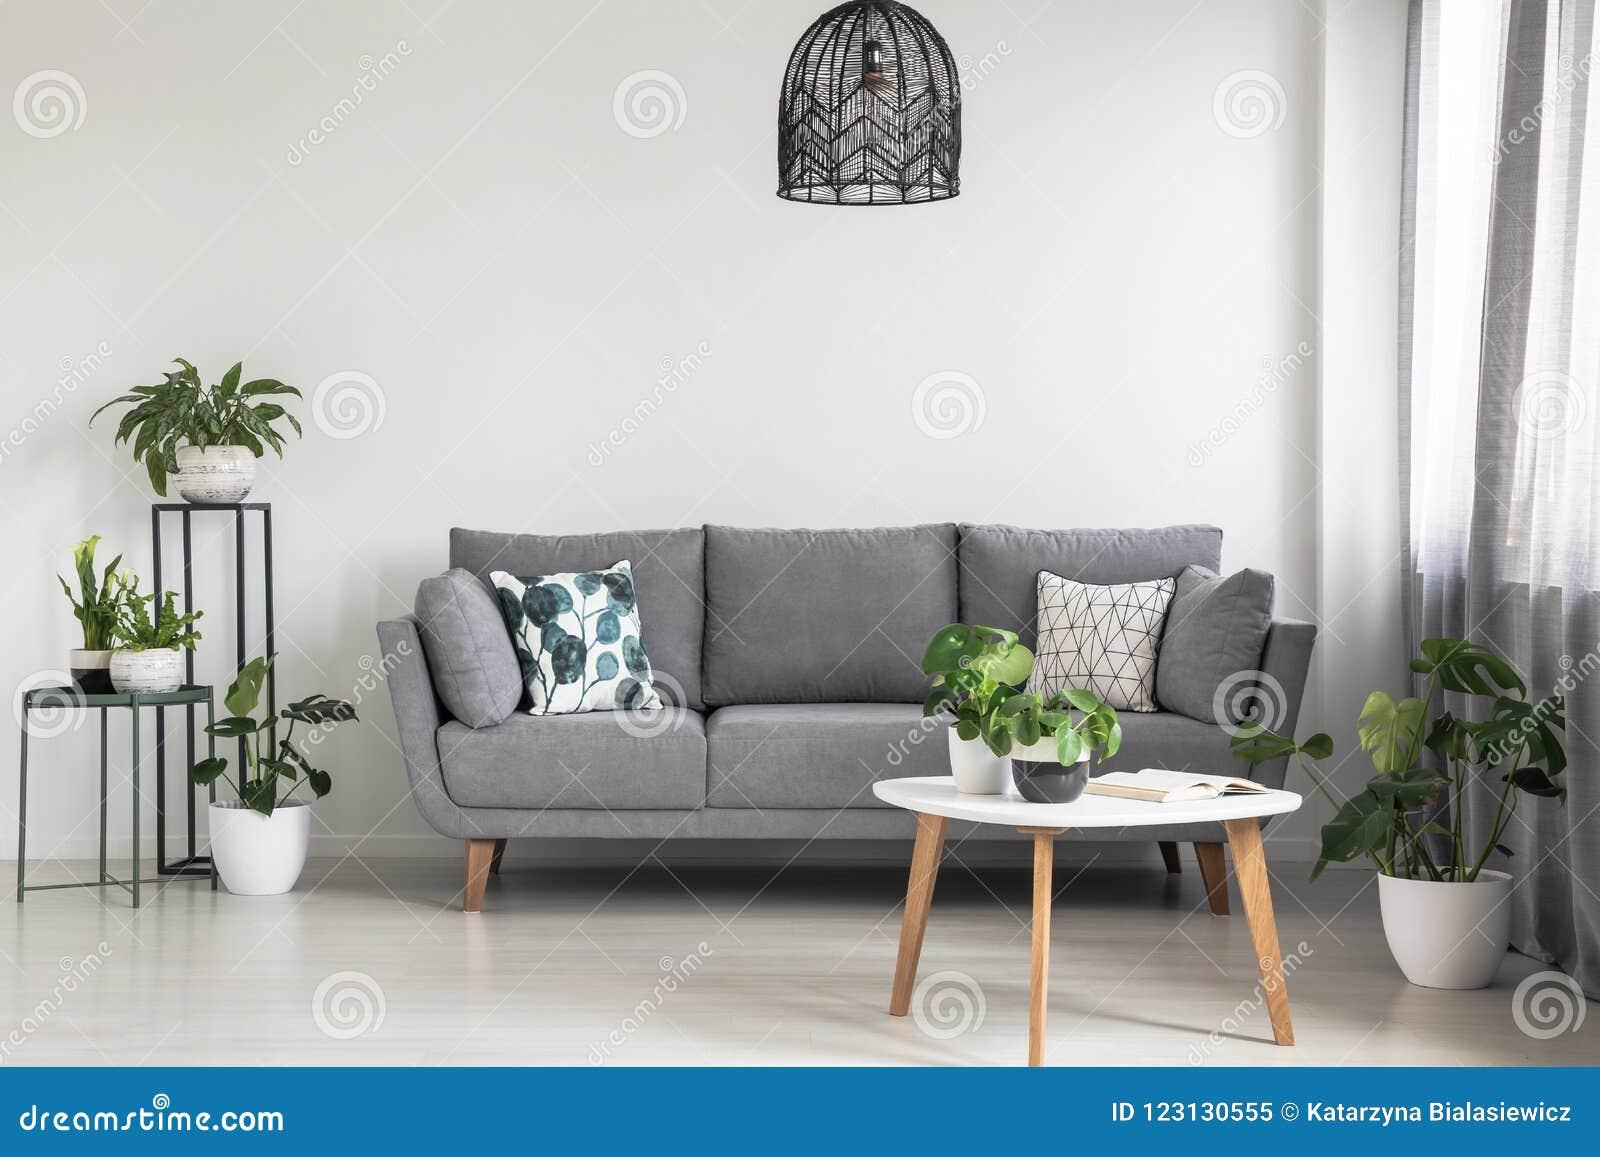 Verkligt foto av en enkel vardagsruminre med en grå soffa, växter och kaffetabellen